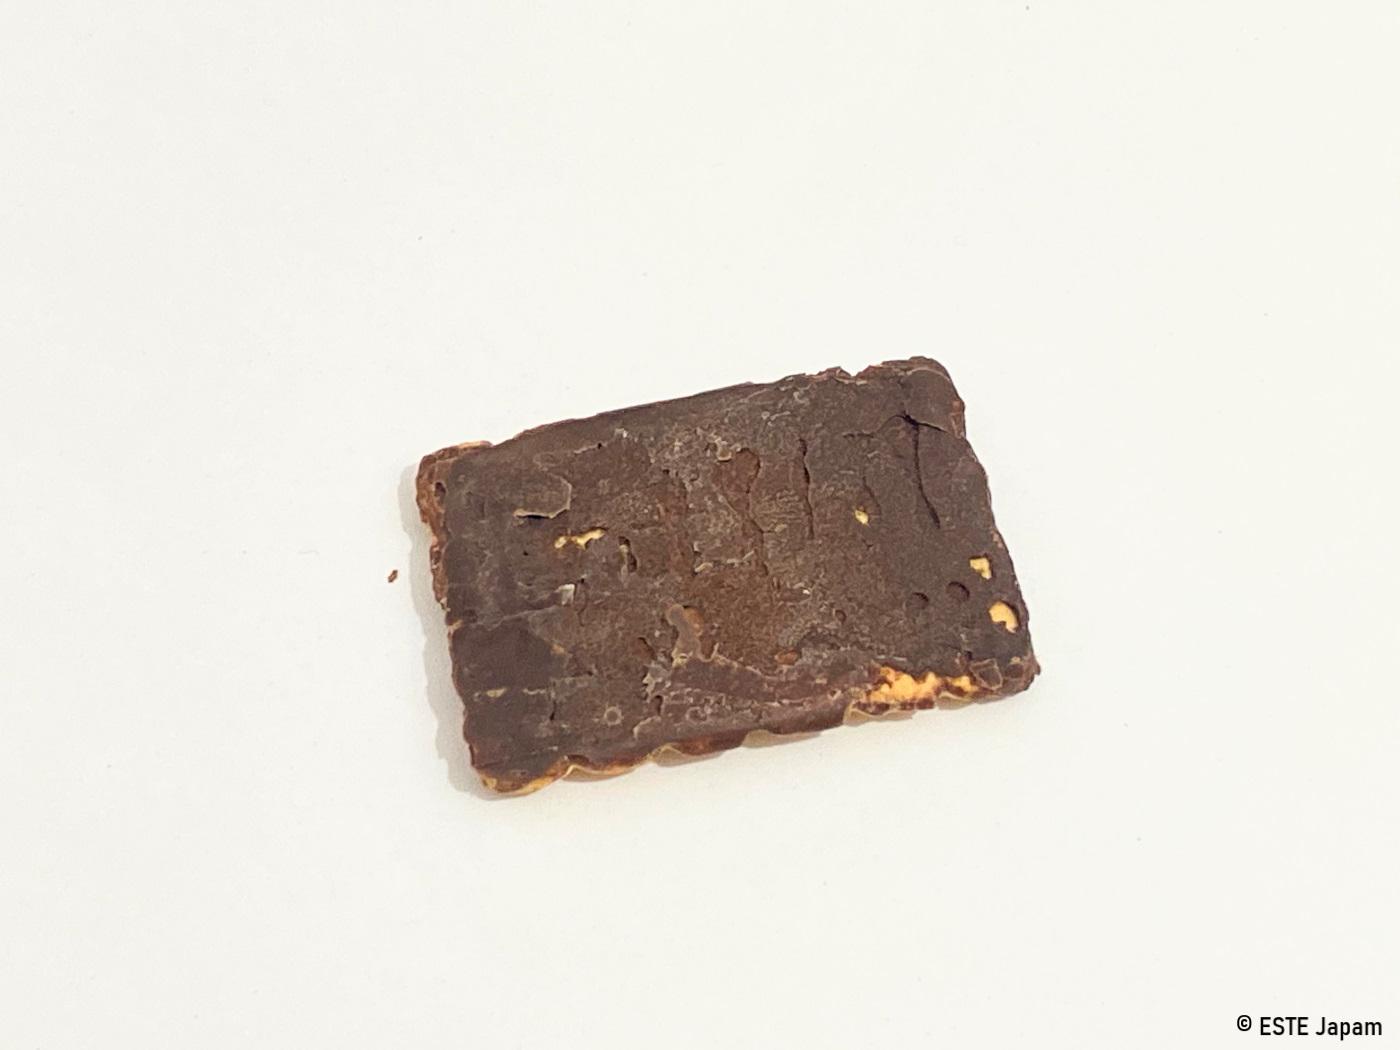 チョコレートバターココナッツの中身